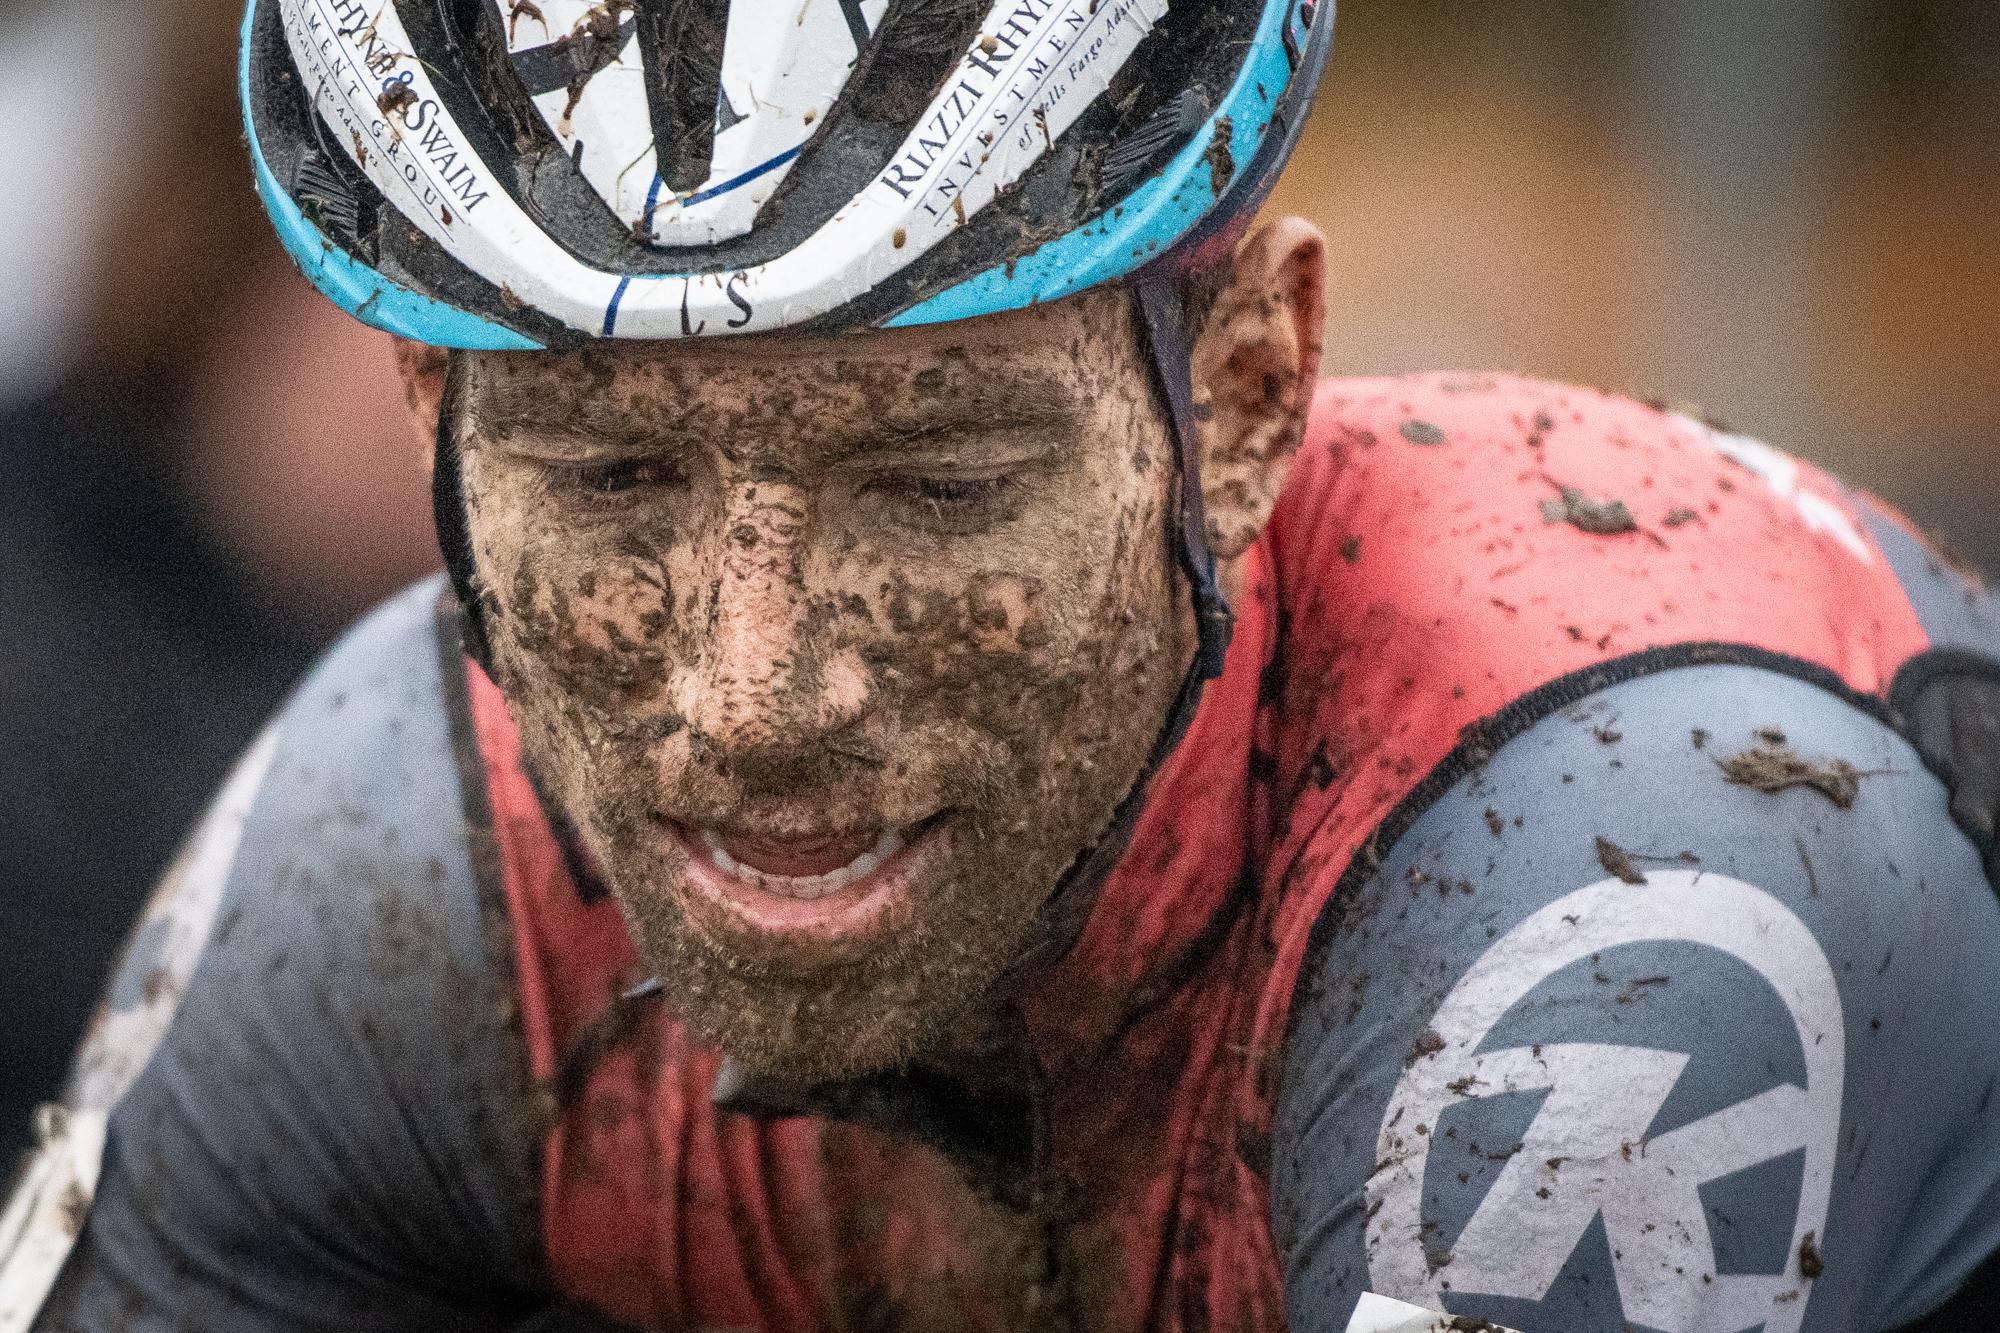 Werner persigue el título de la Serie USCX por 'exposición y gloria' en la temporada de ciclocross